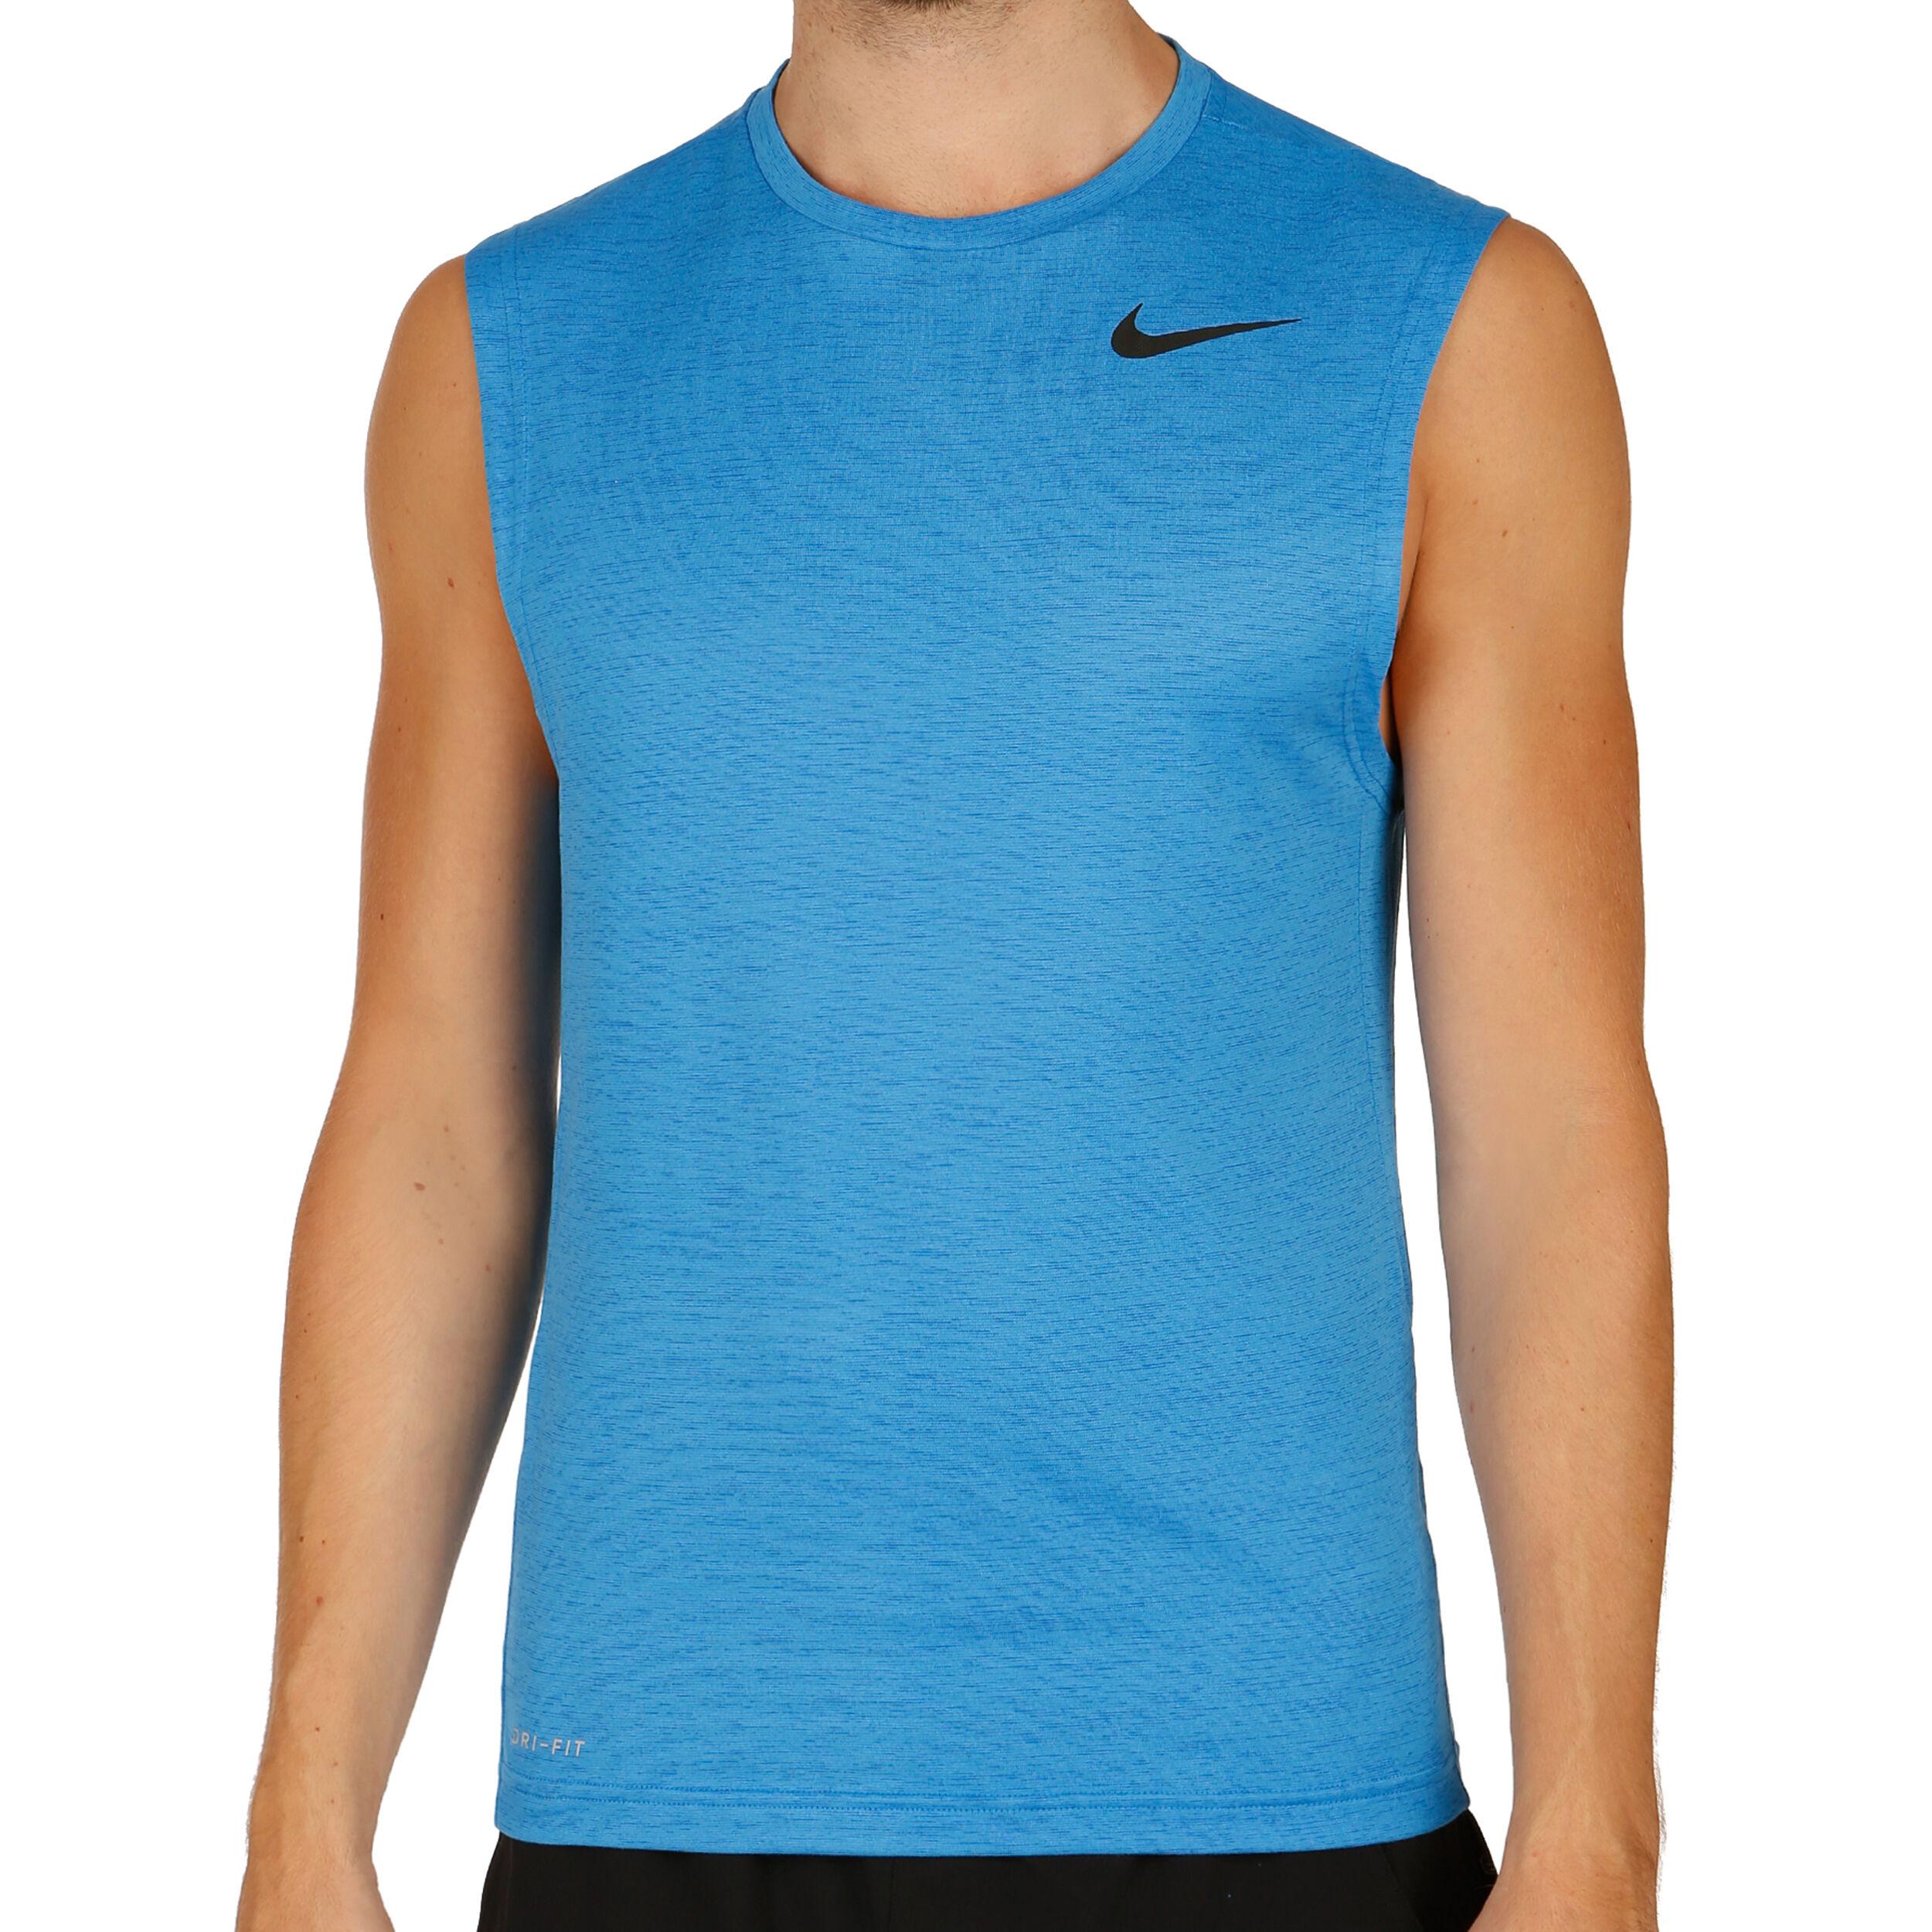 Nike Dri FIT Tanktop Heren Blauw, Zwart online kopen